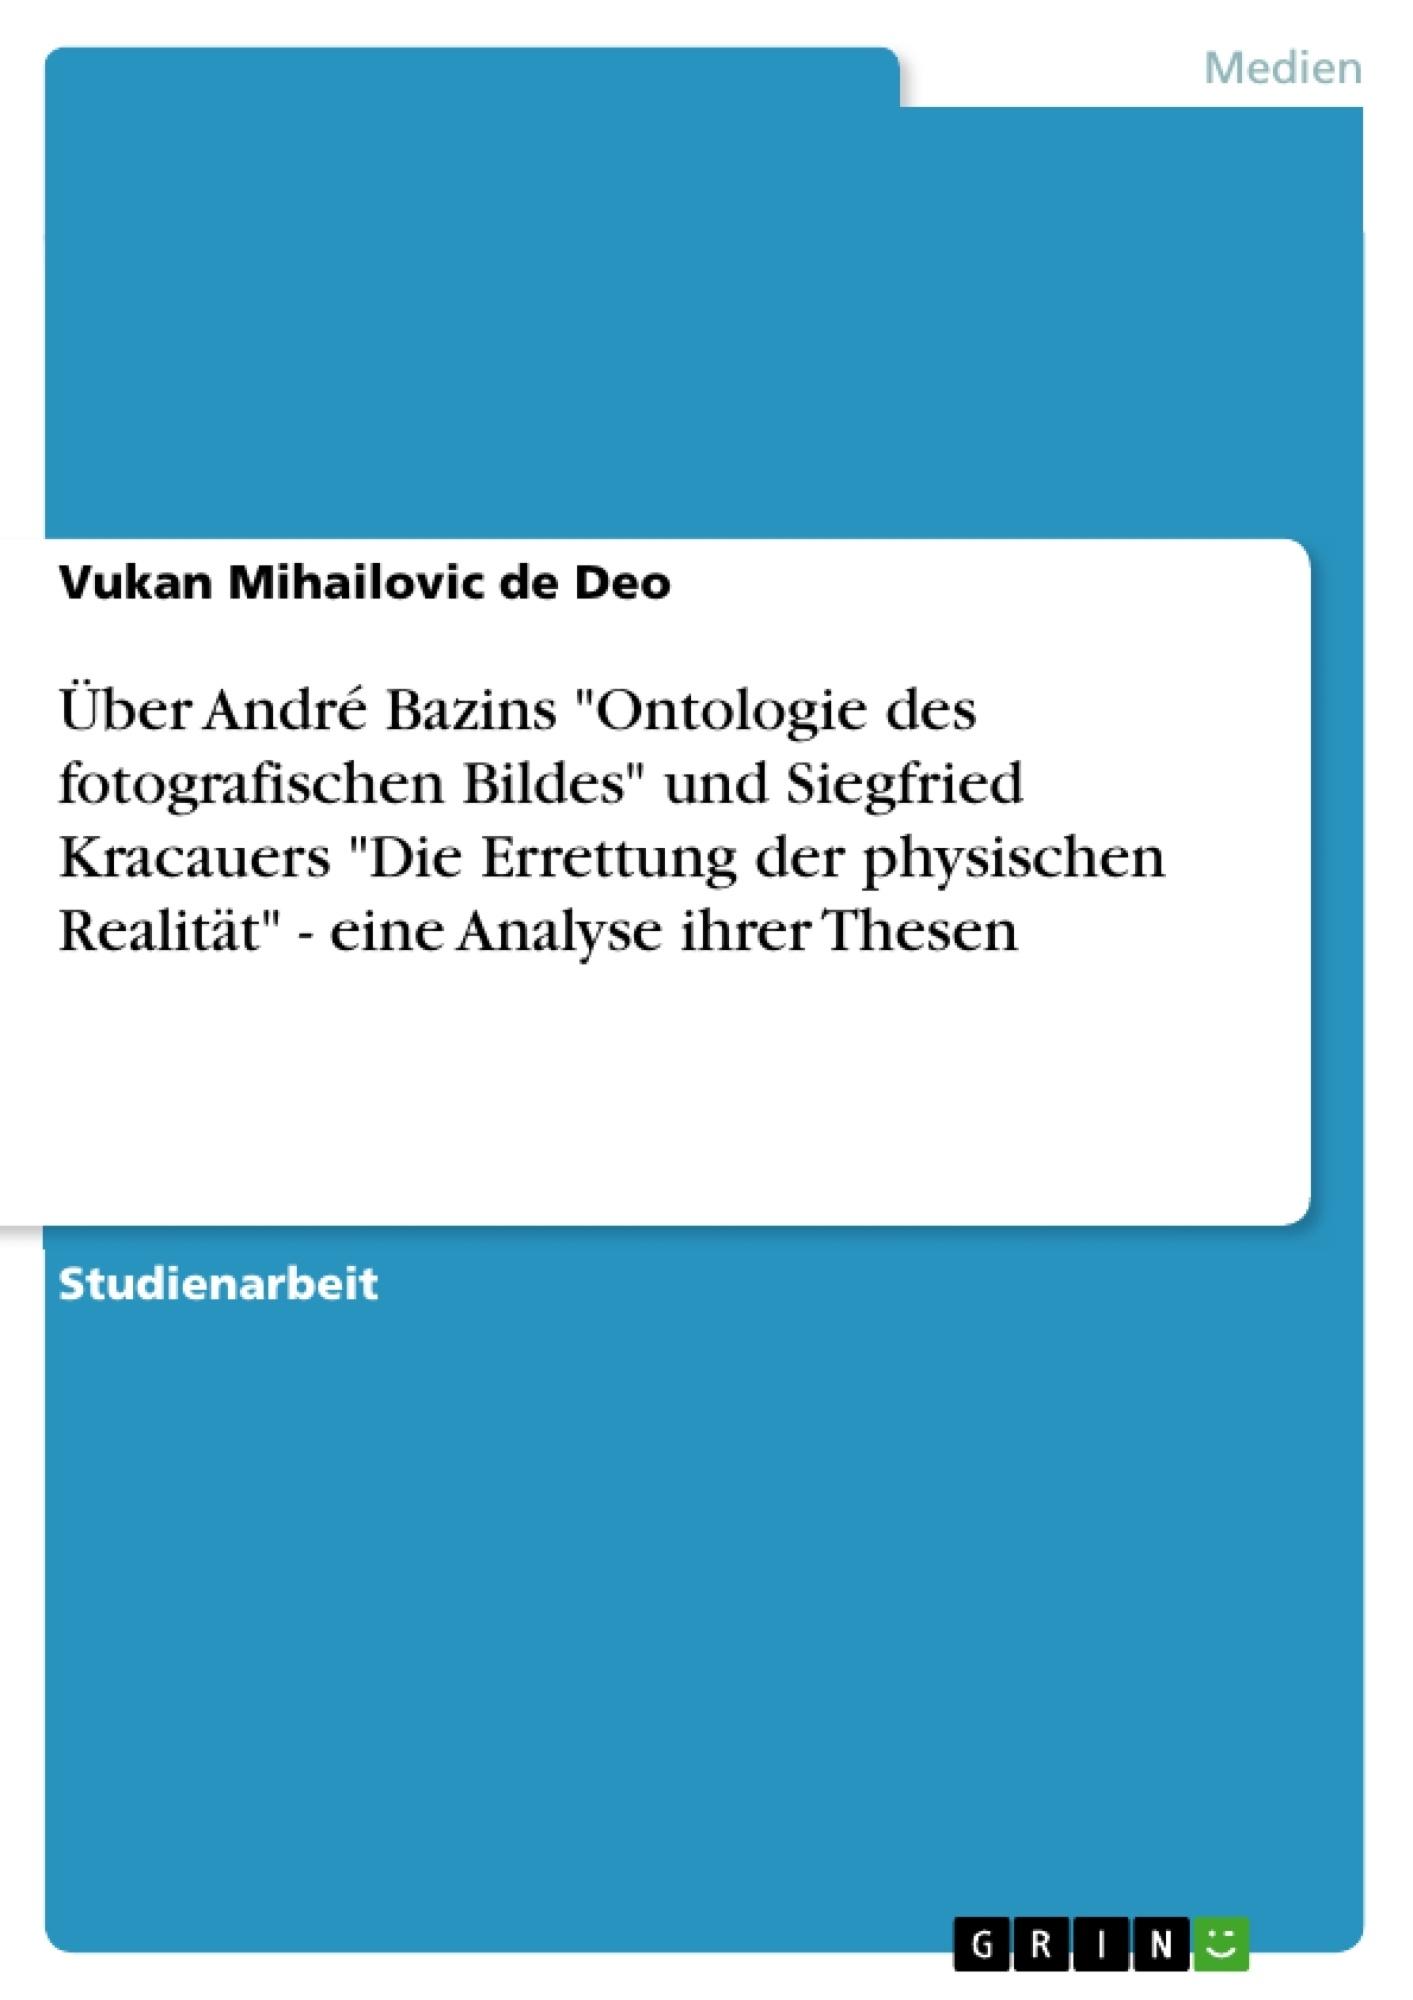 """Titel: Über André Bazins """"Ontologie des fotografischen Bildes"""" und Siegfried Kracauers """"Die Errettung der physischen Realität"""" - eine Analyse ihrer Thesen"""